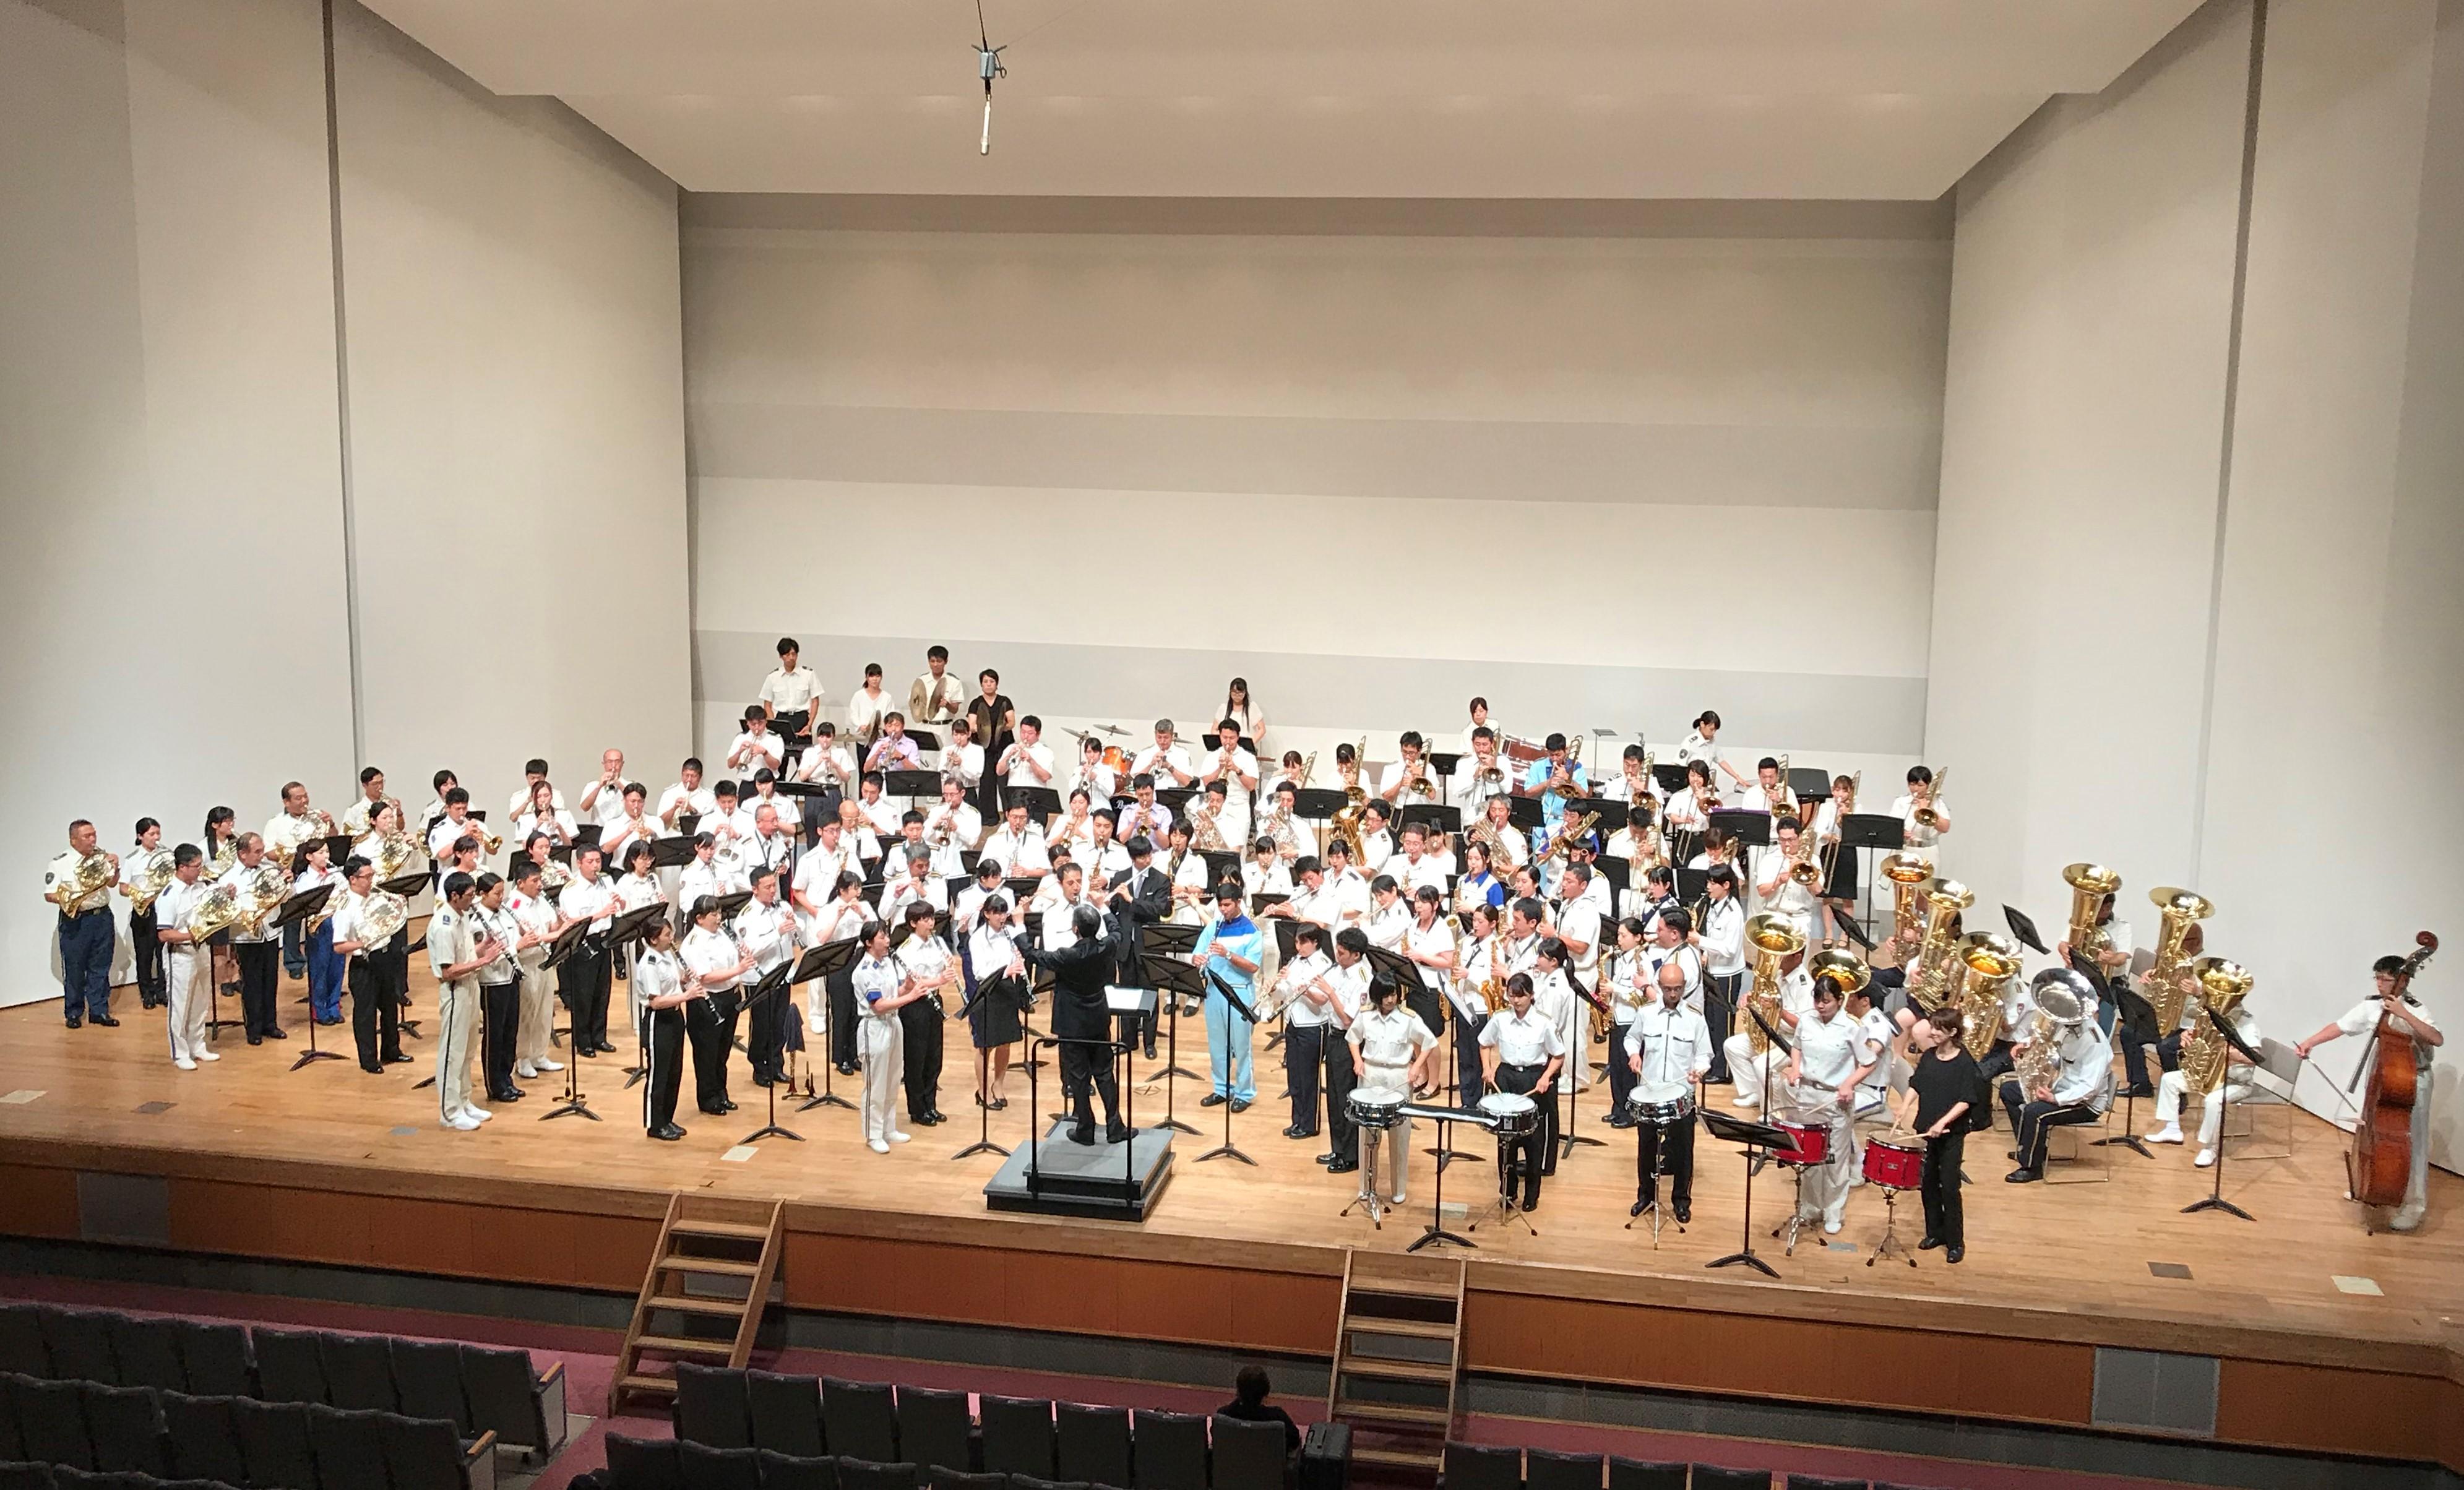 「2019警察音楽隊研修会 吹奏楽コンサート」が開催されました~在学生、卒業生も出演~